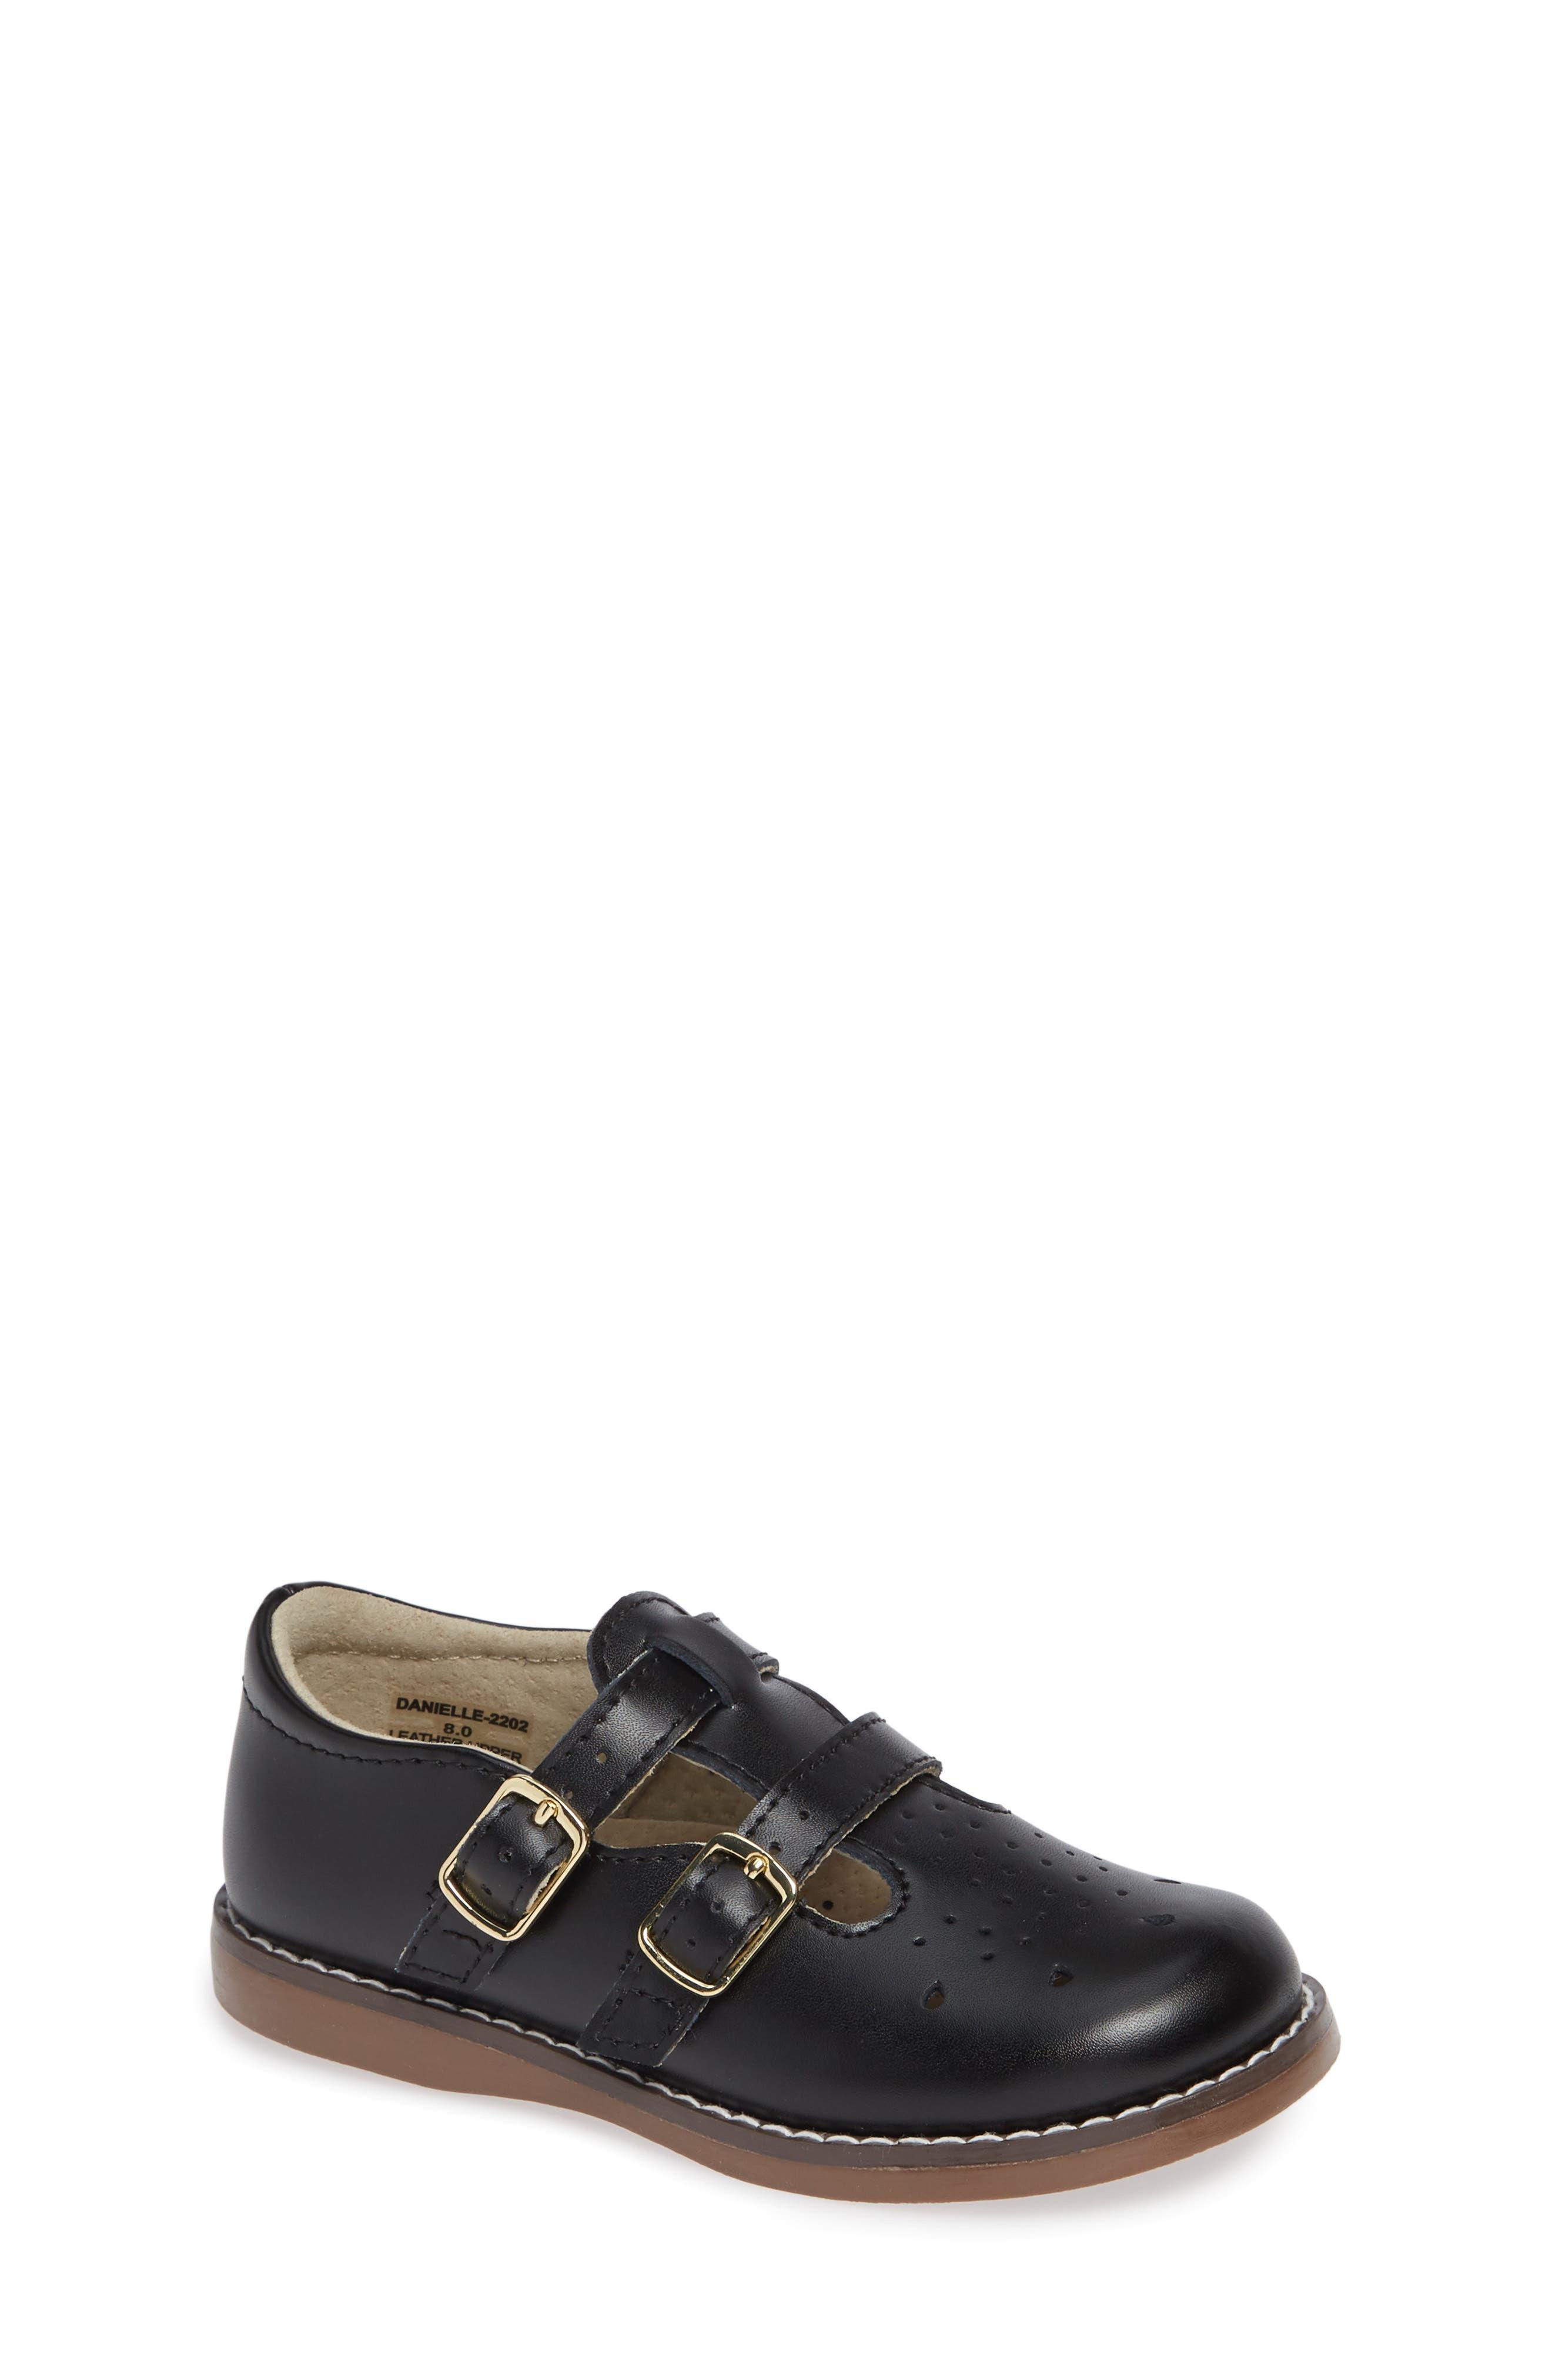 FOOTMATES,                             Danielle Double Strap Shoe,                             Main thumbnail 1, color,                             BLACK